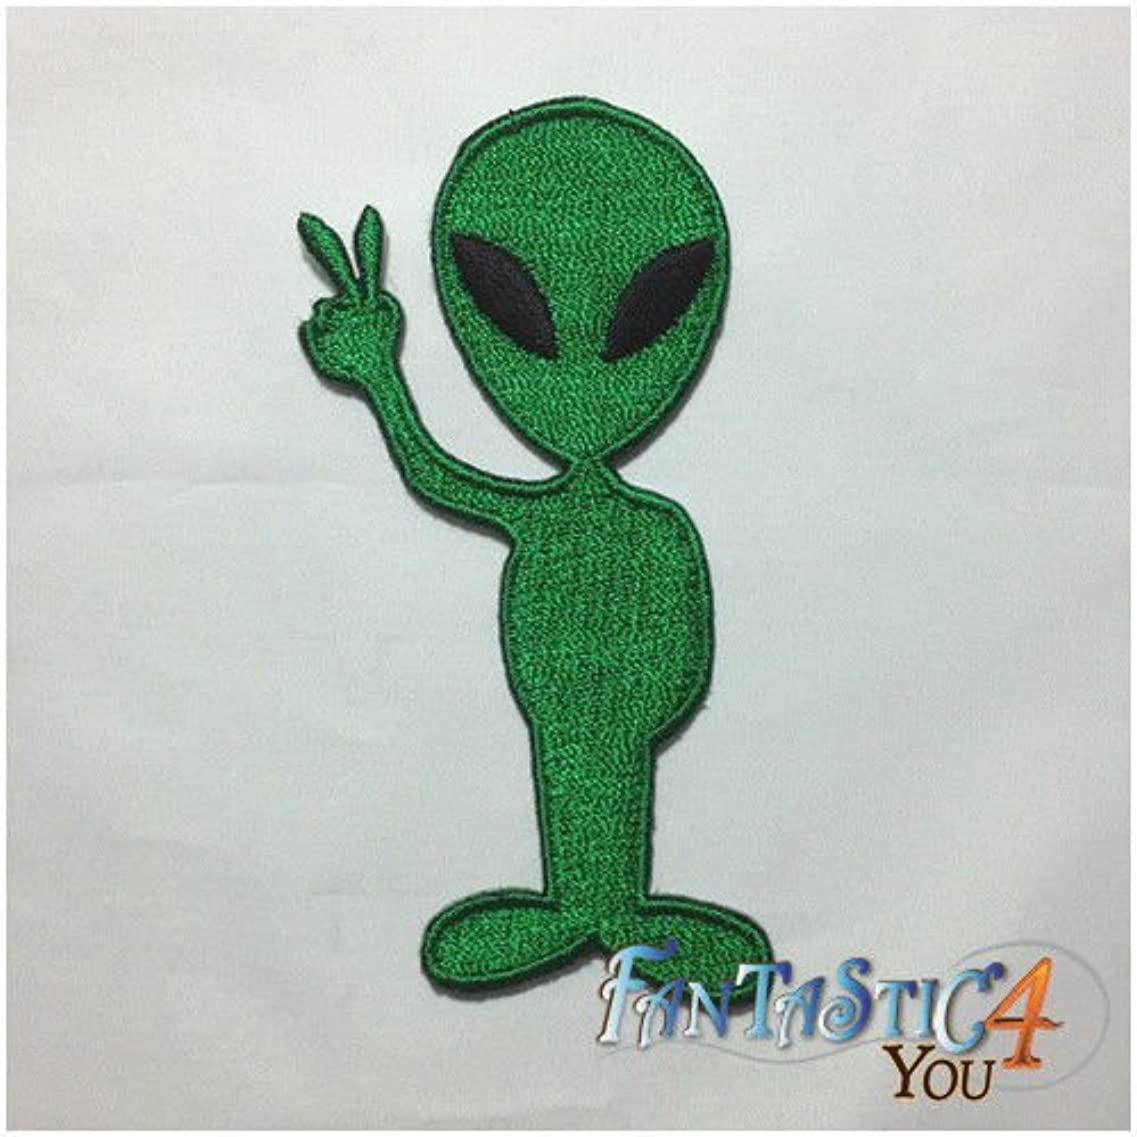 の中で見る悪の緑のエイリアン UFO 空飛ぶ円盤があるロズウェル Roswell AREA 51 アップリケ刺繍が施された鉄のパッチ、SELLL#ファンタスティック 4 を、 HGEWATG 346961488381